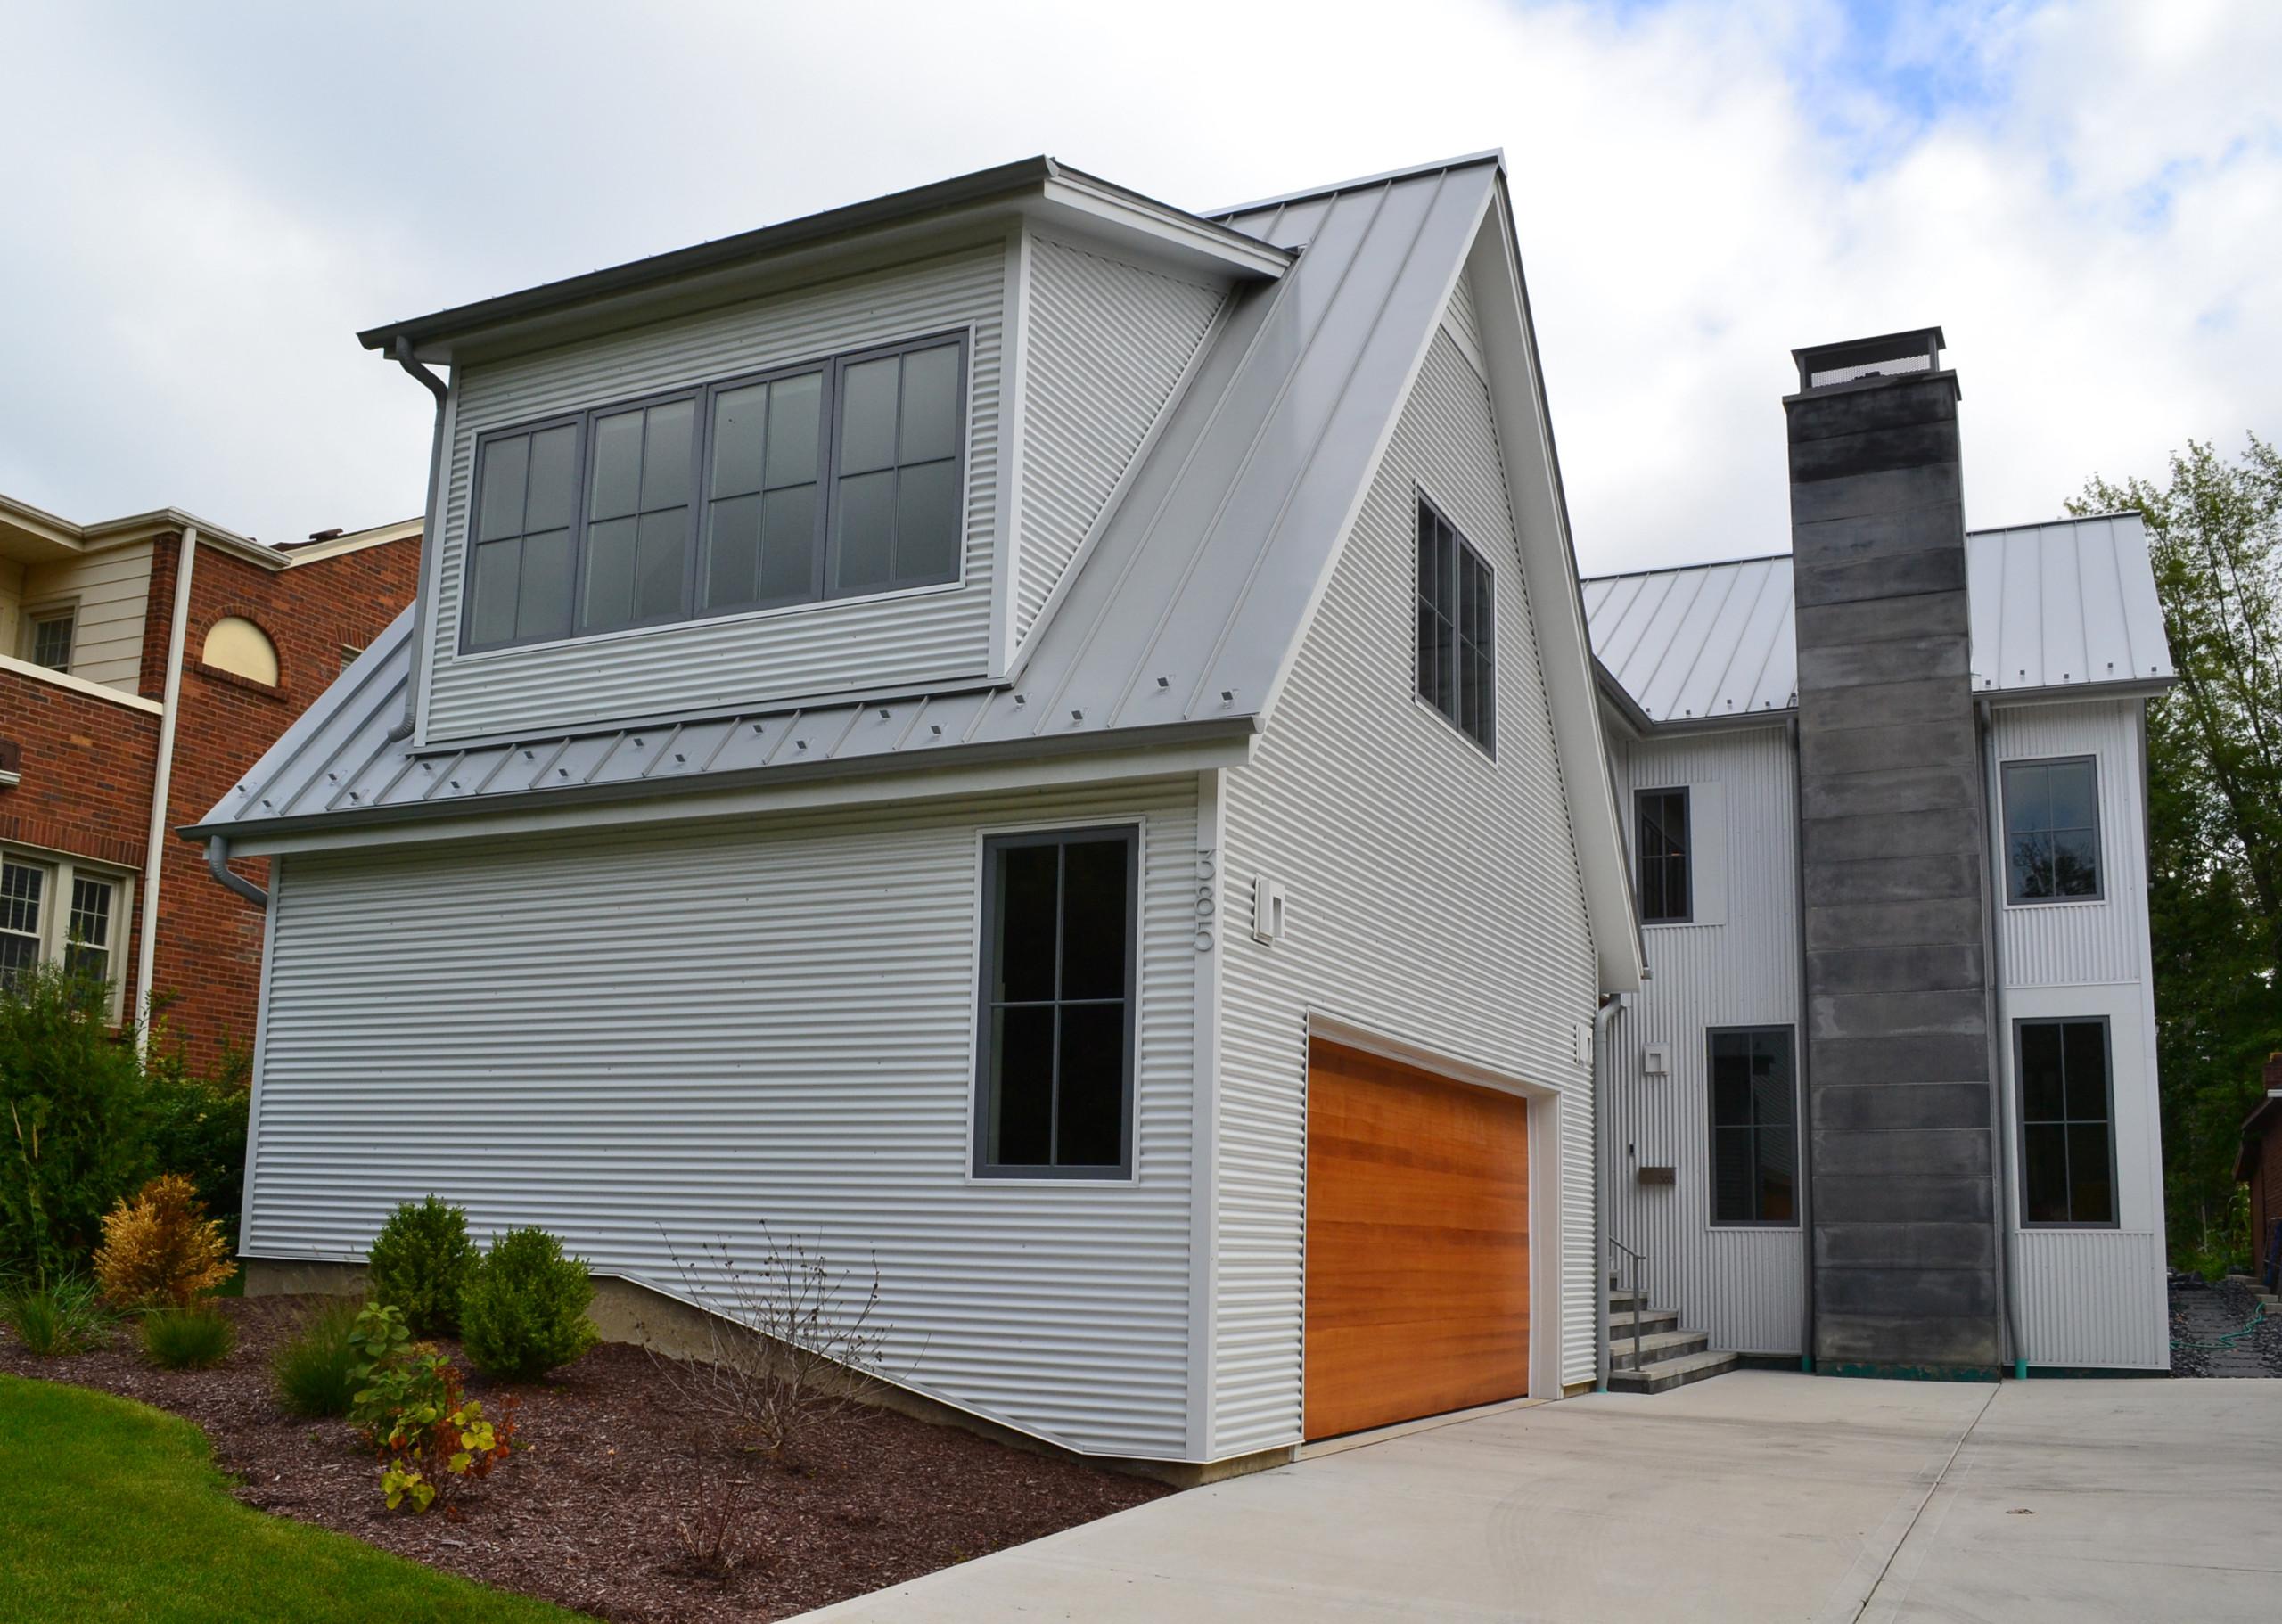 Elmhurst - New Residence